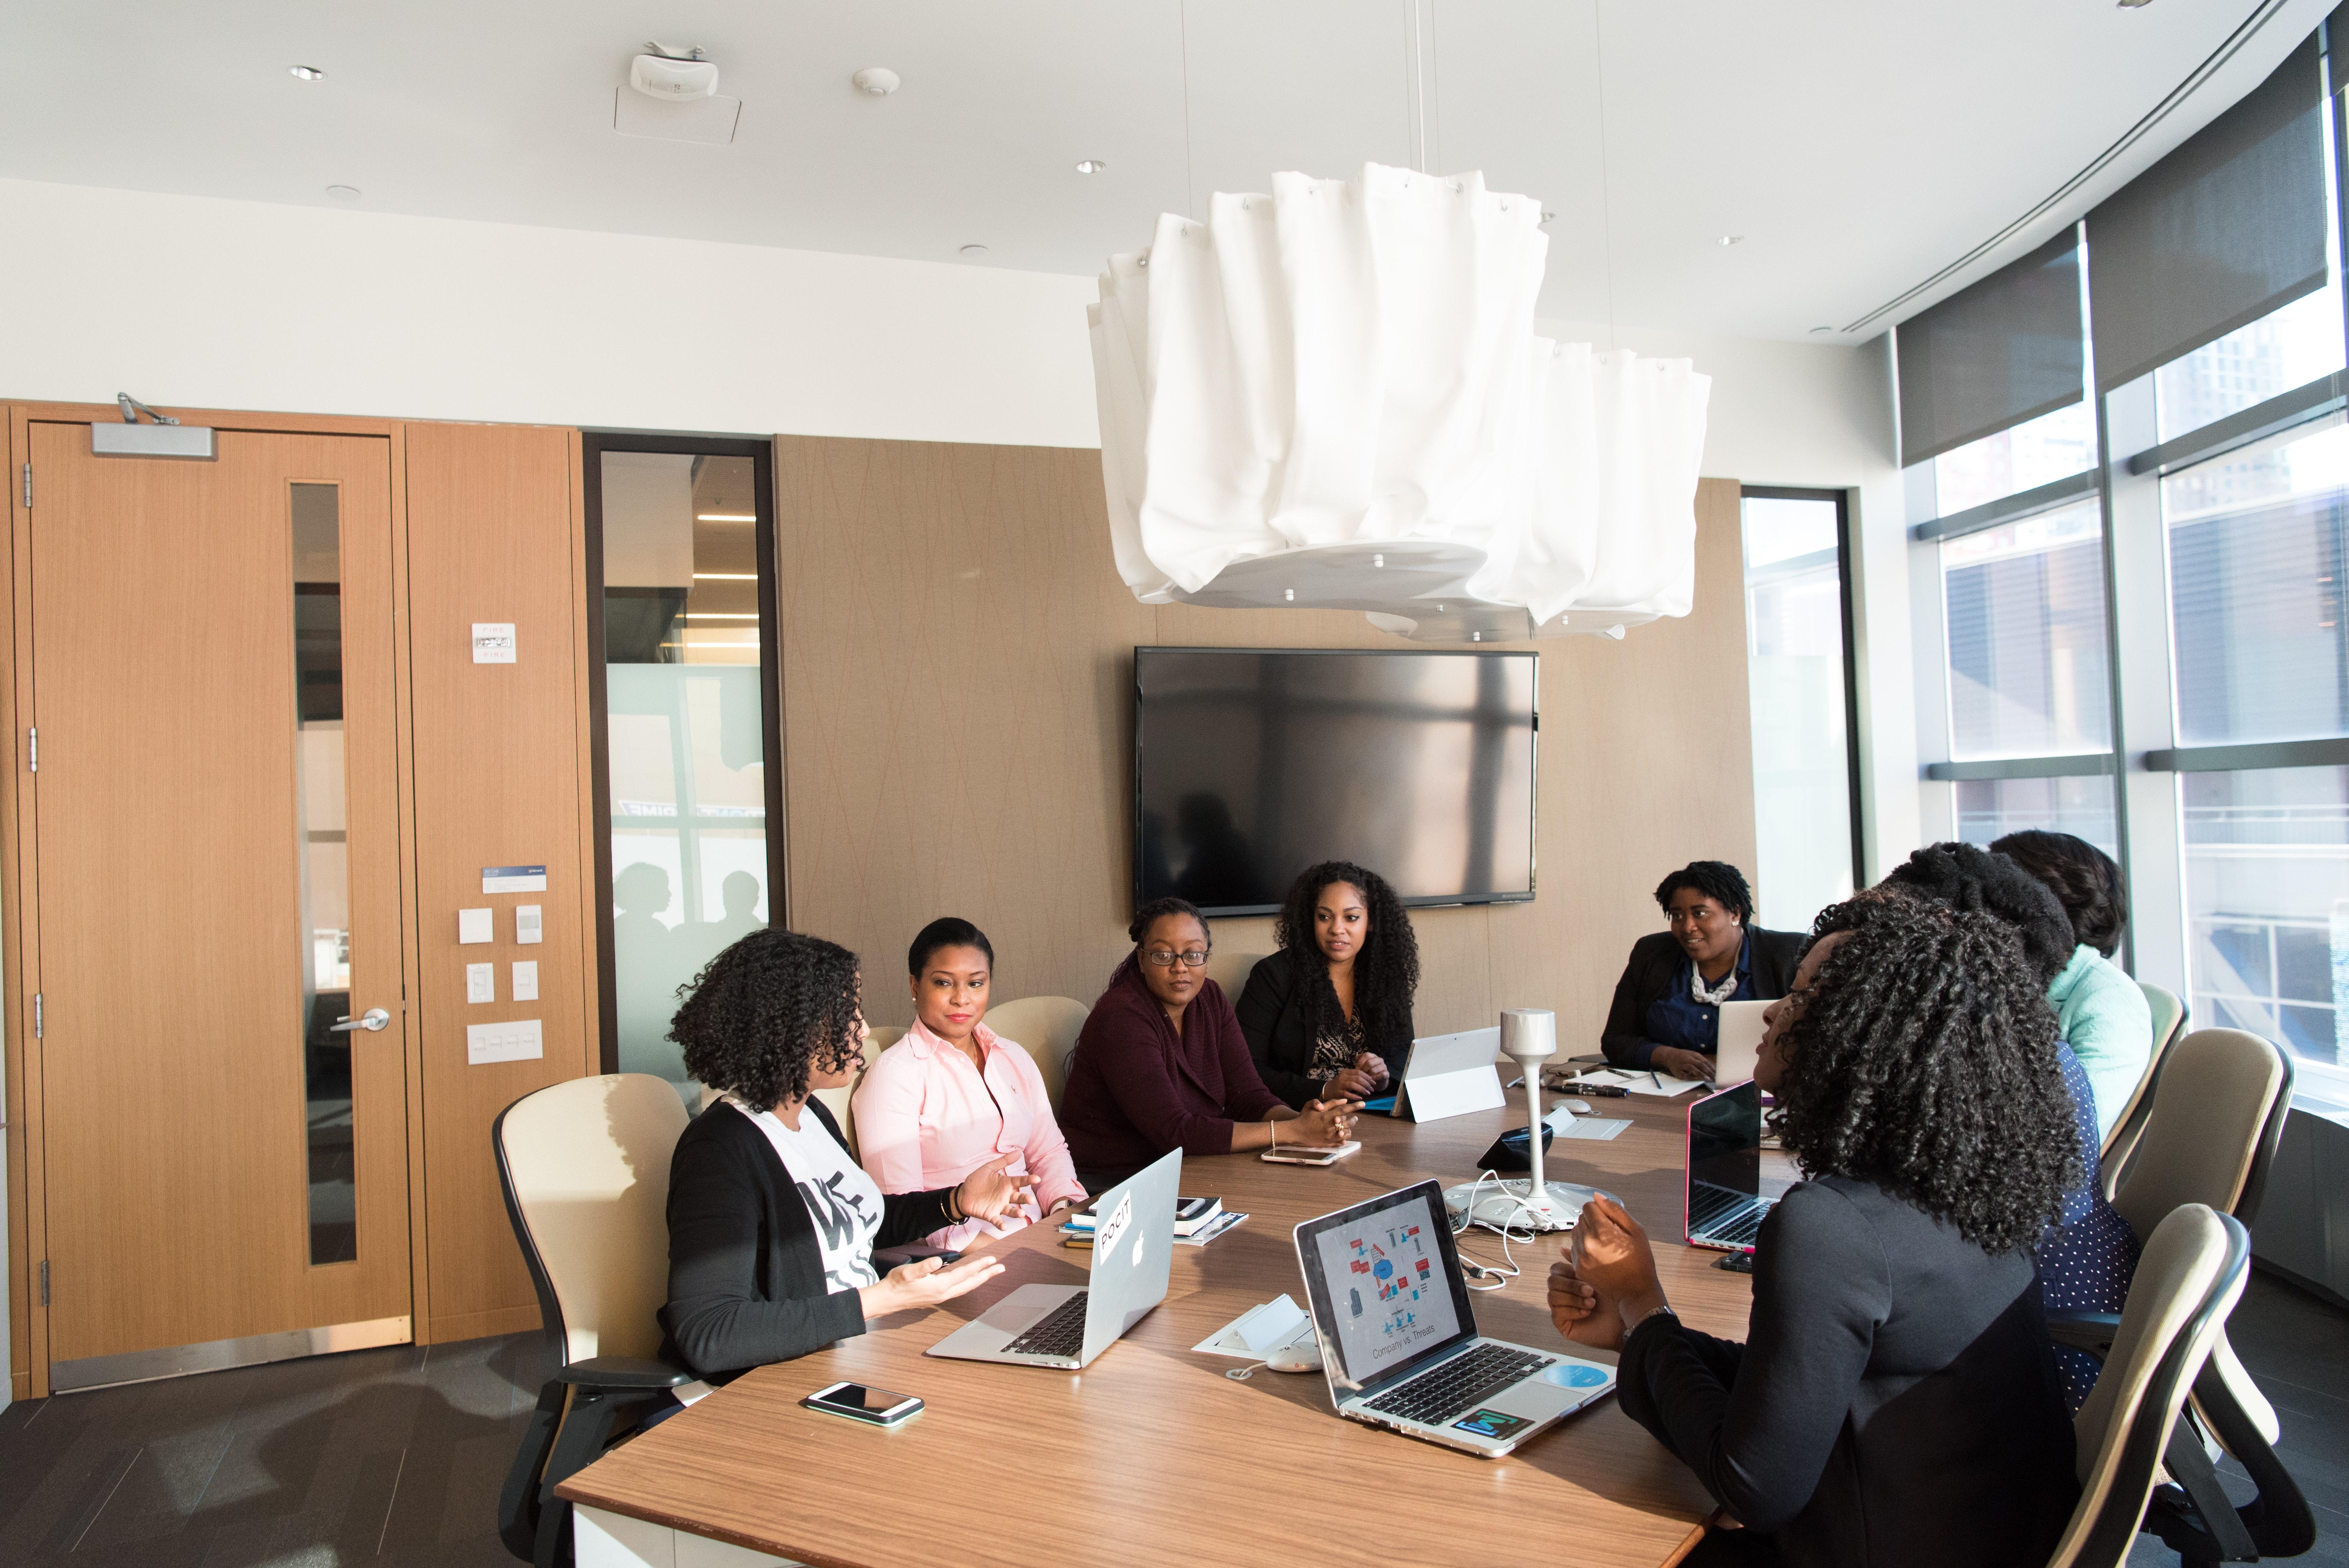 Reunião de negócios: Detalhes no ambiente fazem a diferença